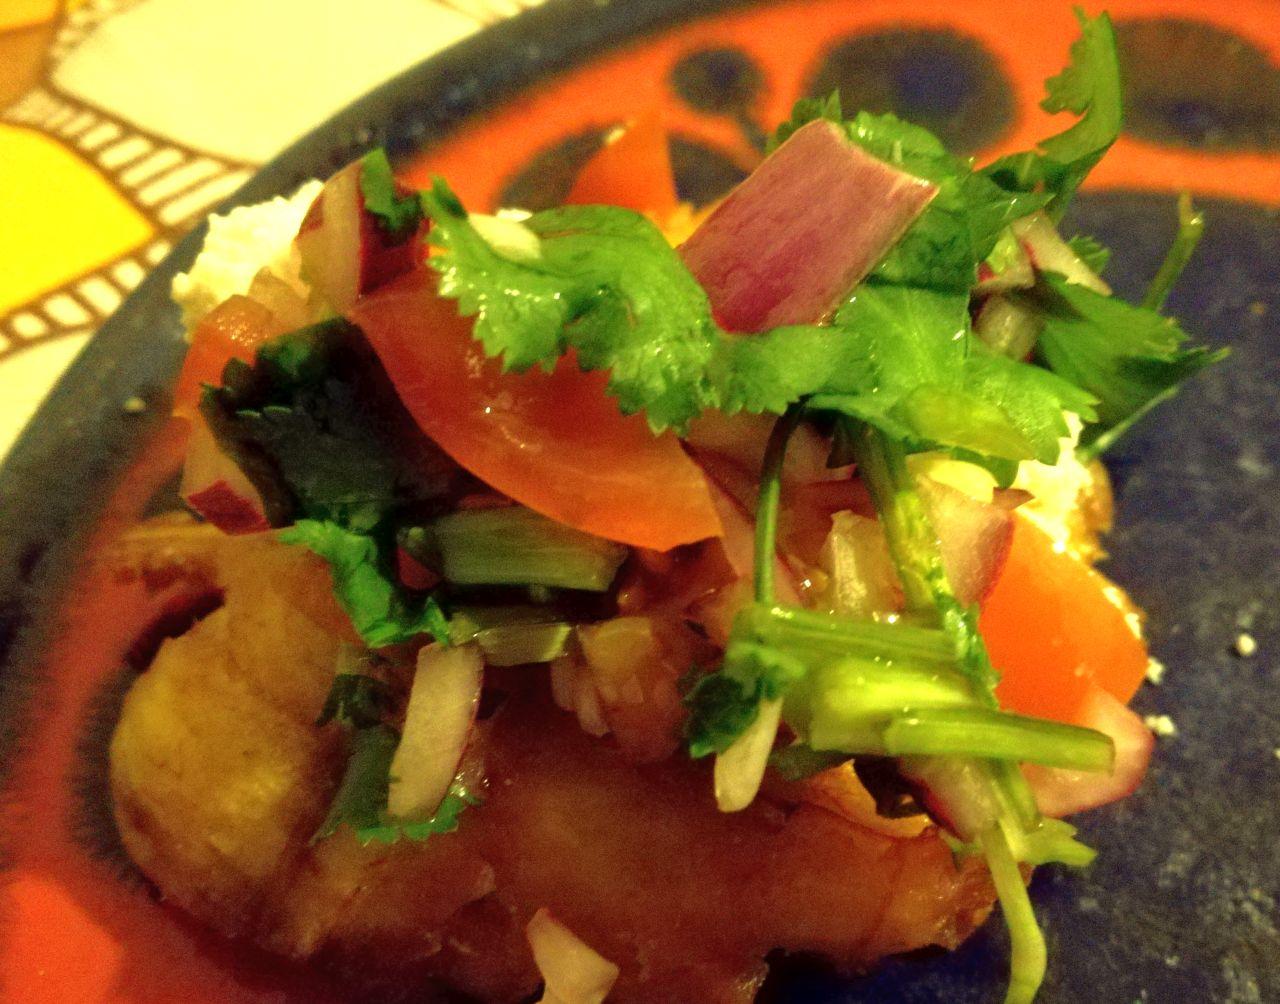 Foto: Tostones: frittierte Kochbanane mit Pico de Gallo